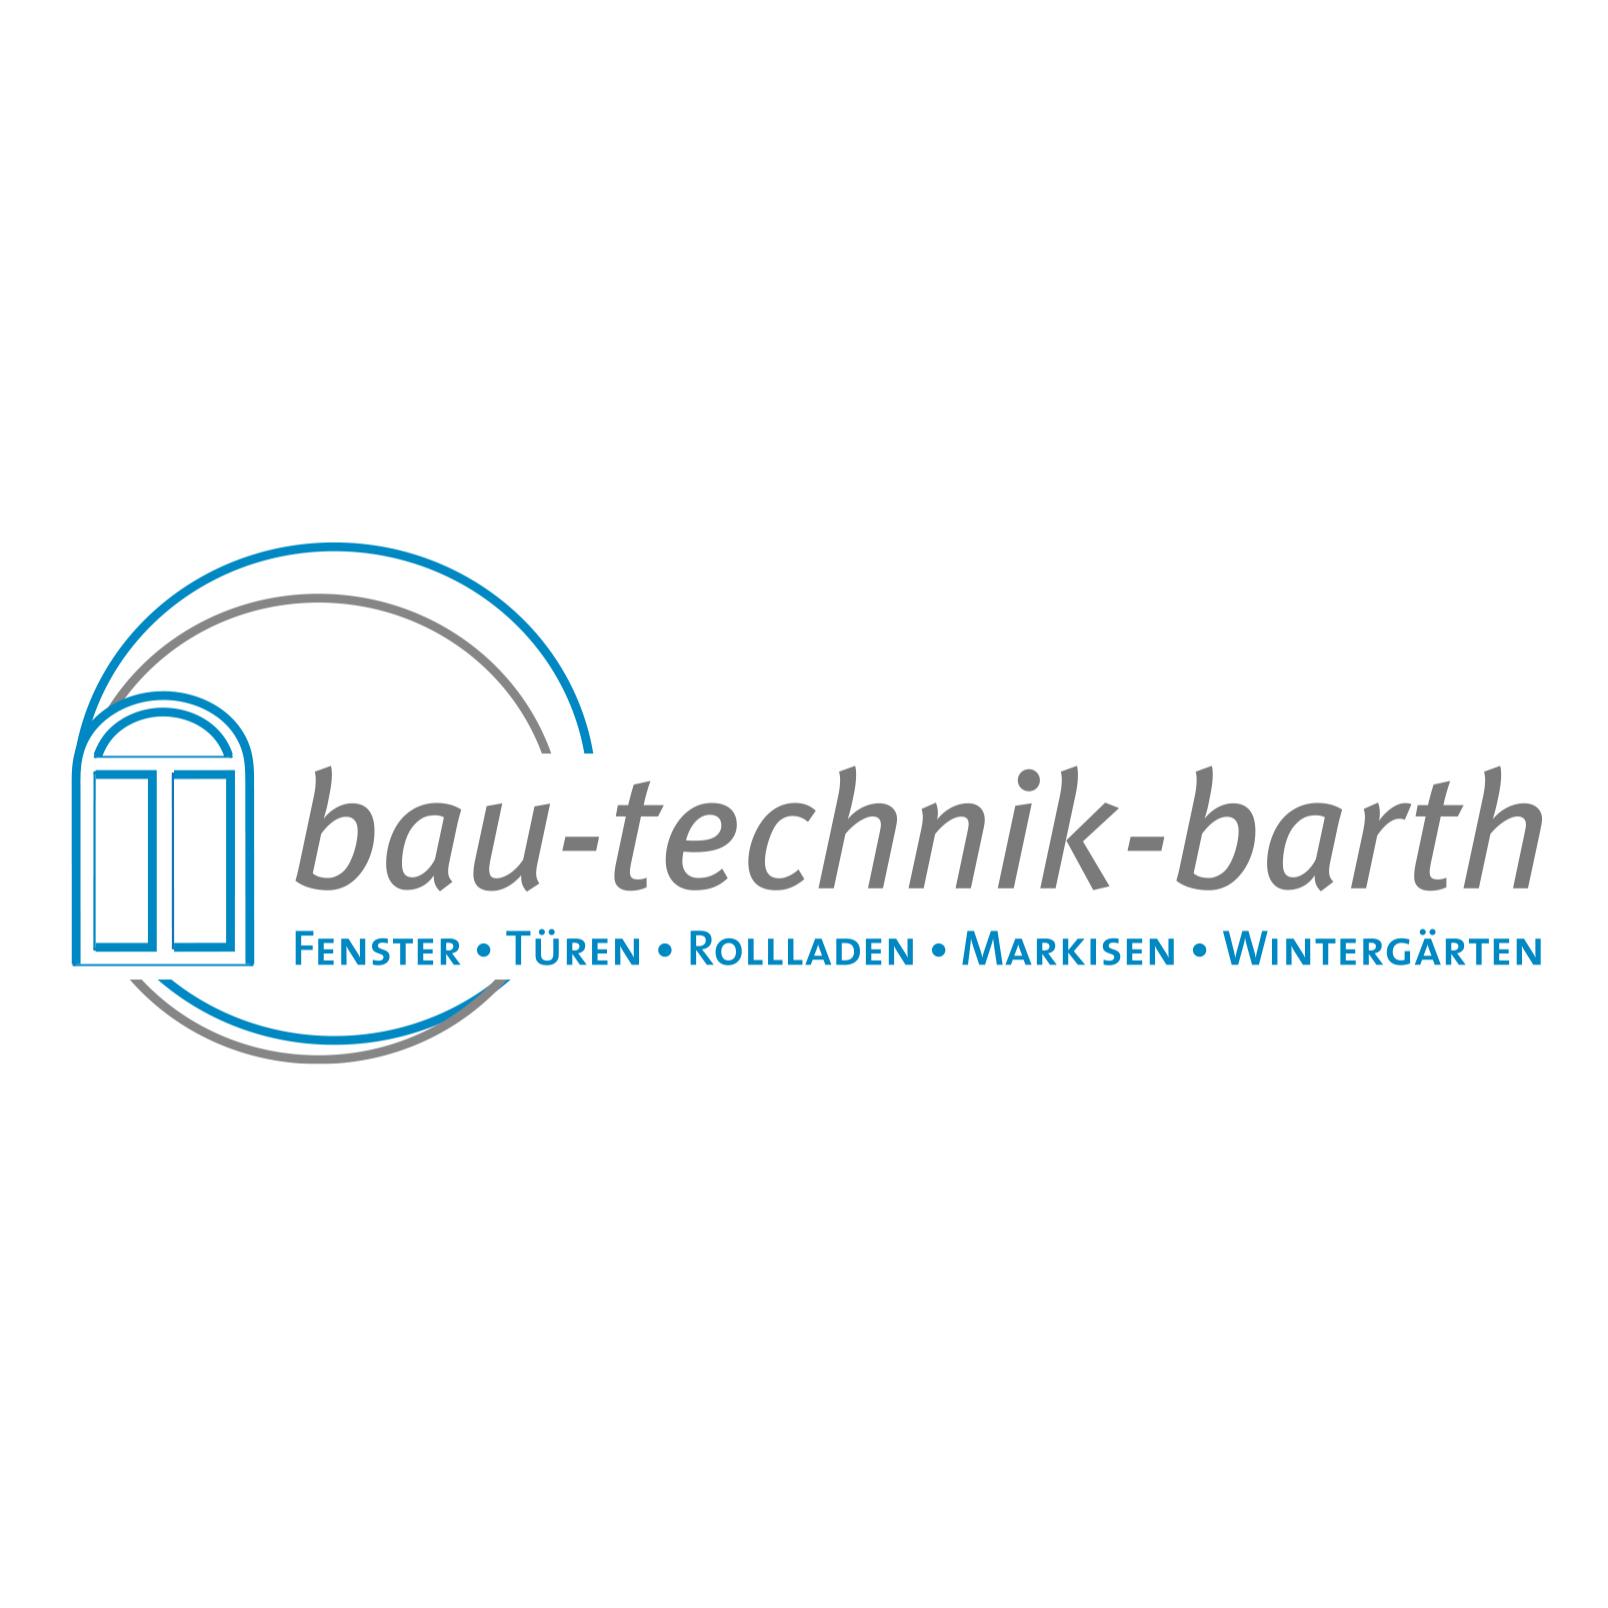 bau-technik-barth